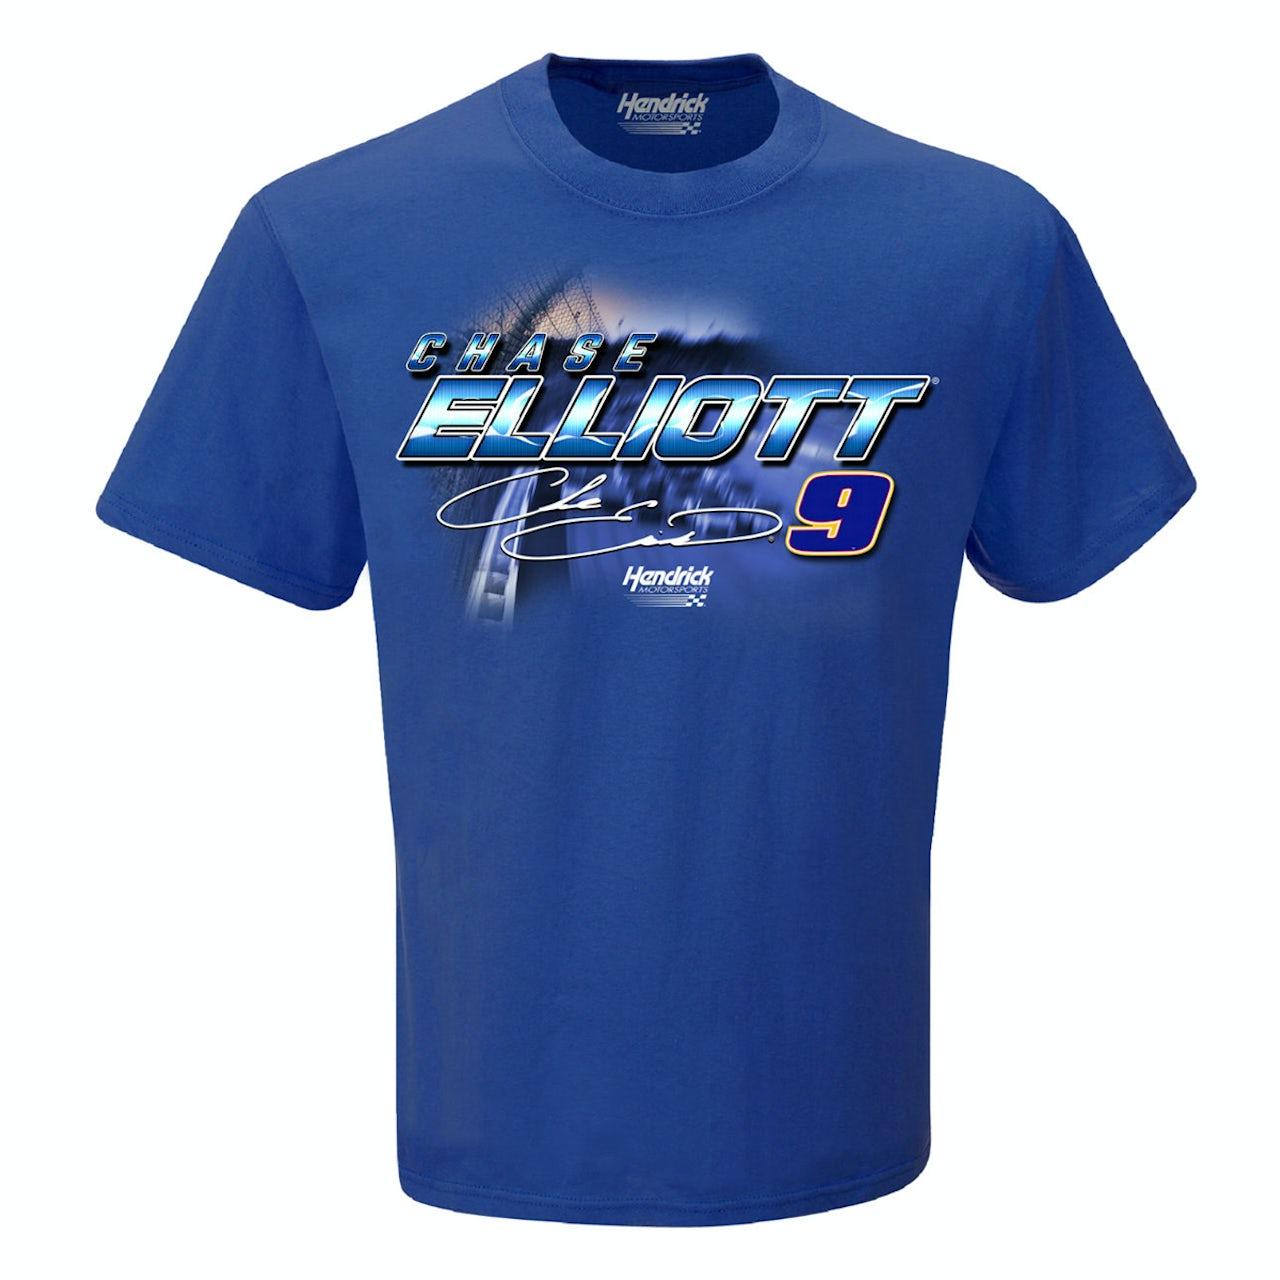 Chase Elliott T Shirt >> Hendrick Motorsports Chase Elliott 9 2019 Nascar Schedule T Shirt